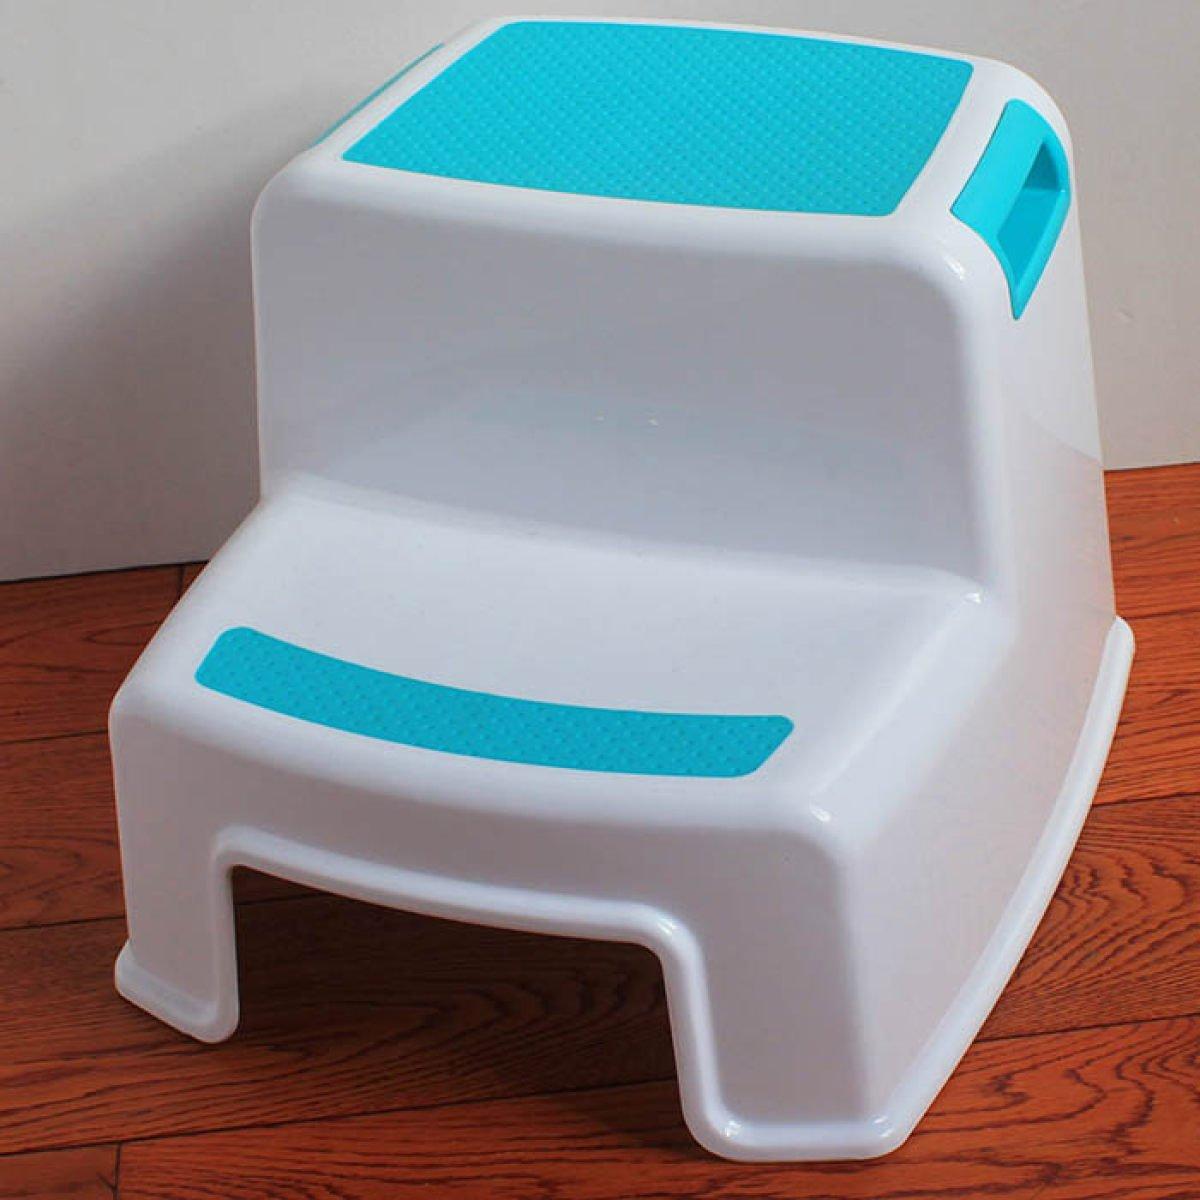 Taburete De Plástico Para Niños Escalera Antideslizante Para Bebés Banqueta De Baño Lovely Warm Foot Stool,D: Amazon.es: Hogar